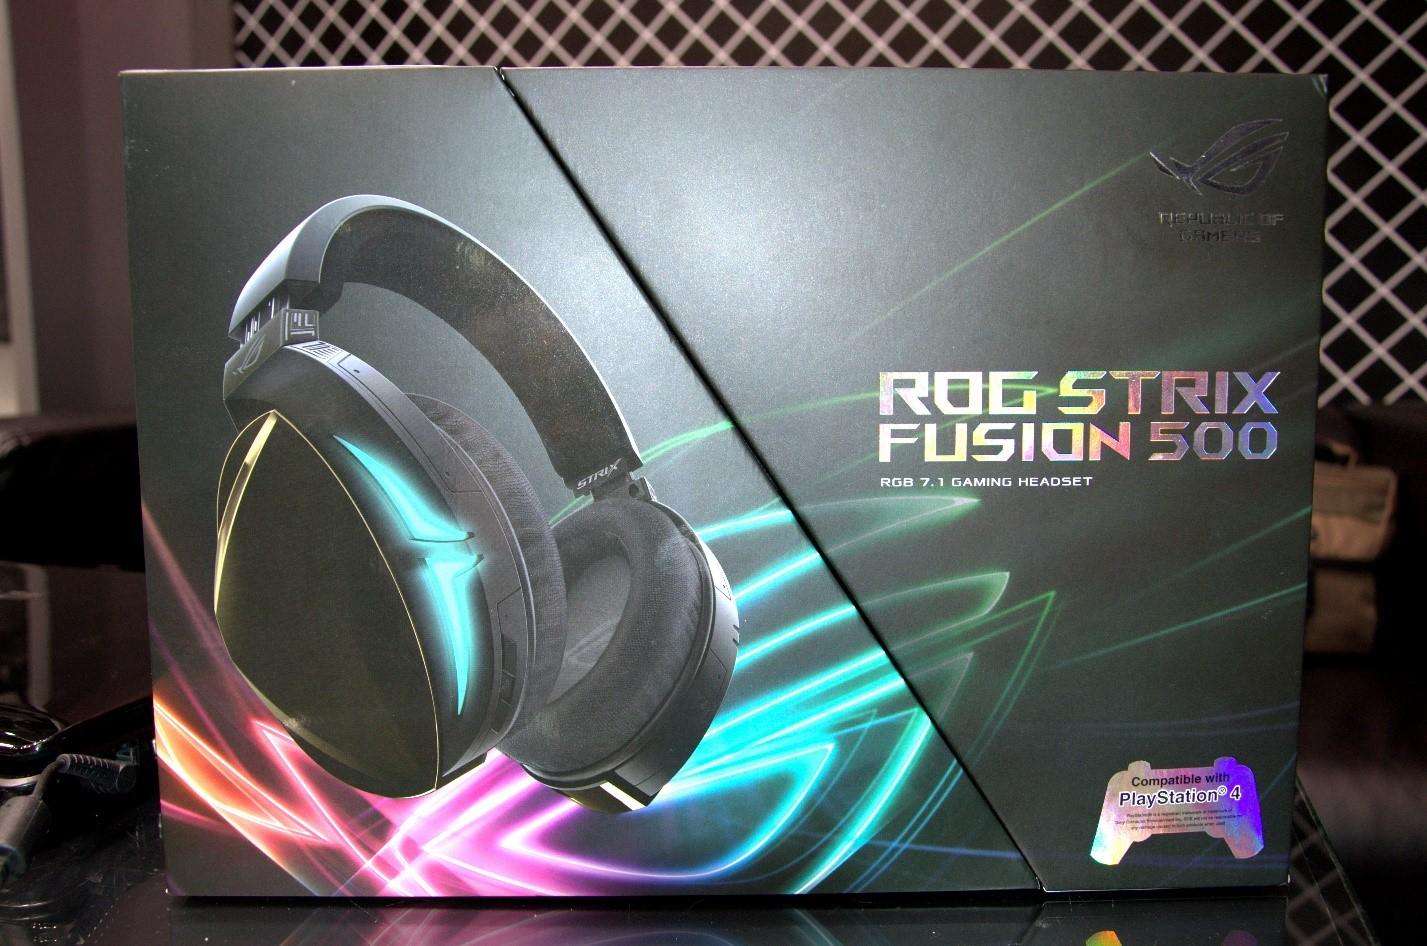 Игровая гарнитура ROG Strix Fusion 500 коробка перед